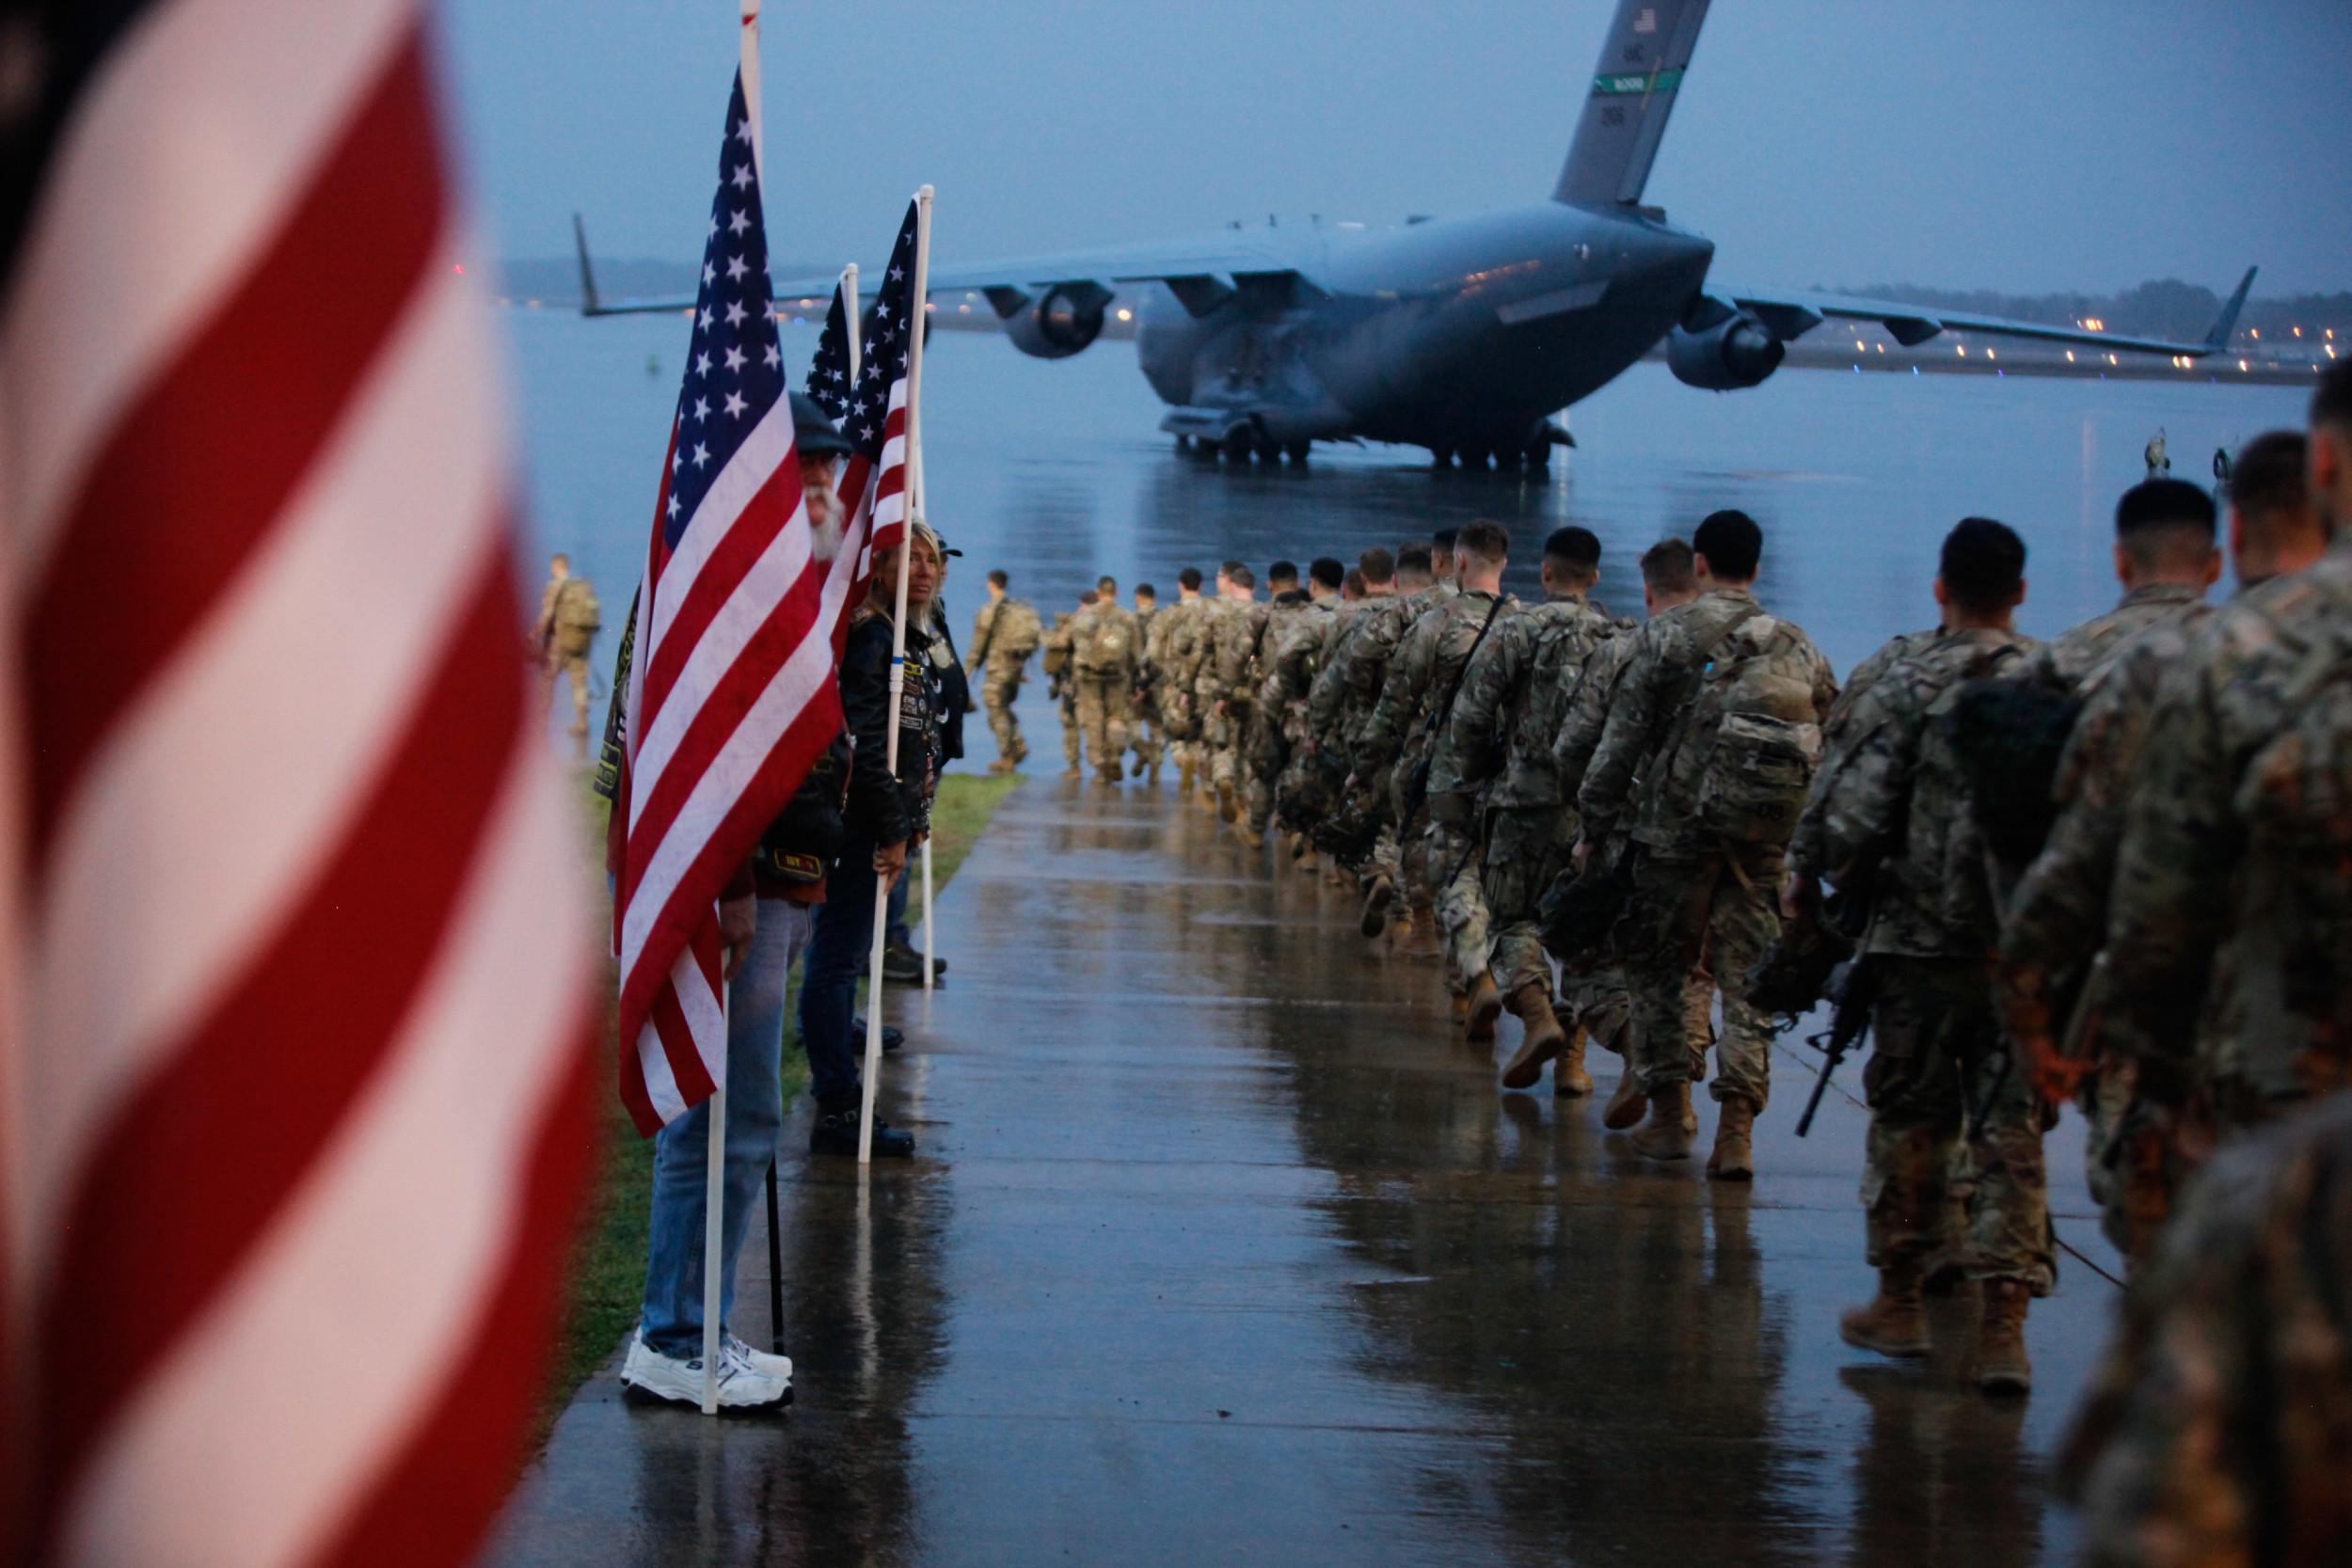 Pripadnici američke 82. vazdušno-desantne divizije pripremaju opremu i ukrcavaju se na avion u Fort Bragu, Severna Karolina, 04. januar 2020. (Foto: Spc. Hubert Delany III/U.S. Army via AP)